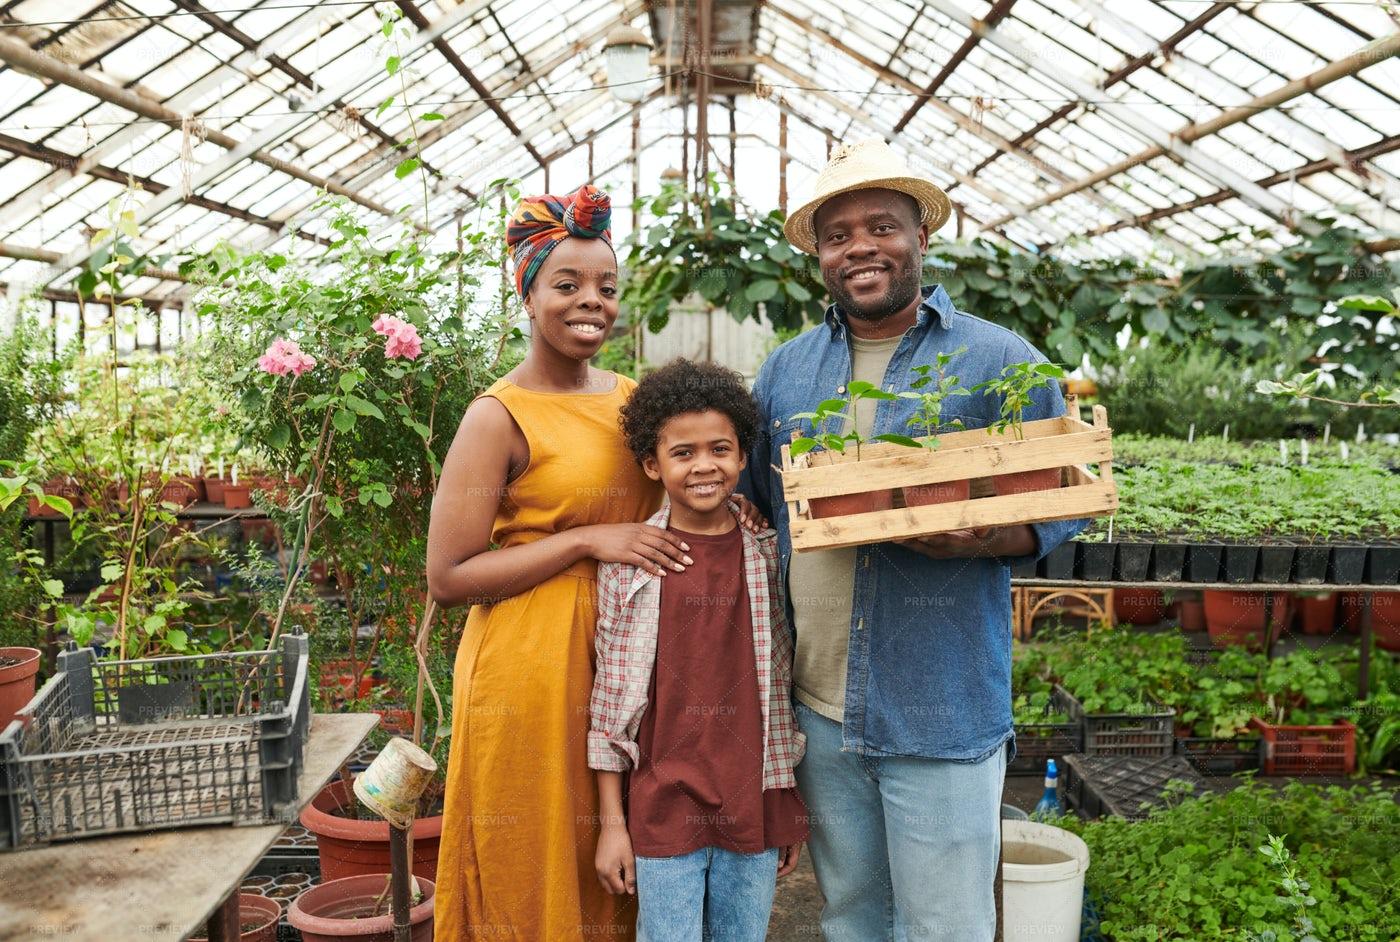 Family Standing In A Garden: Stock Photos